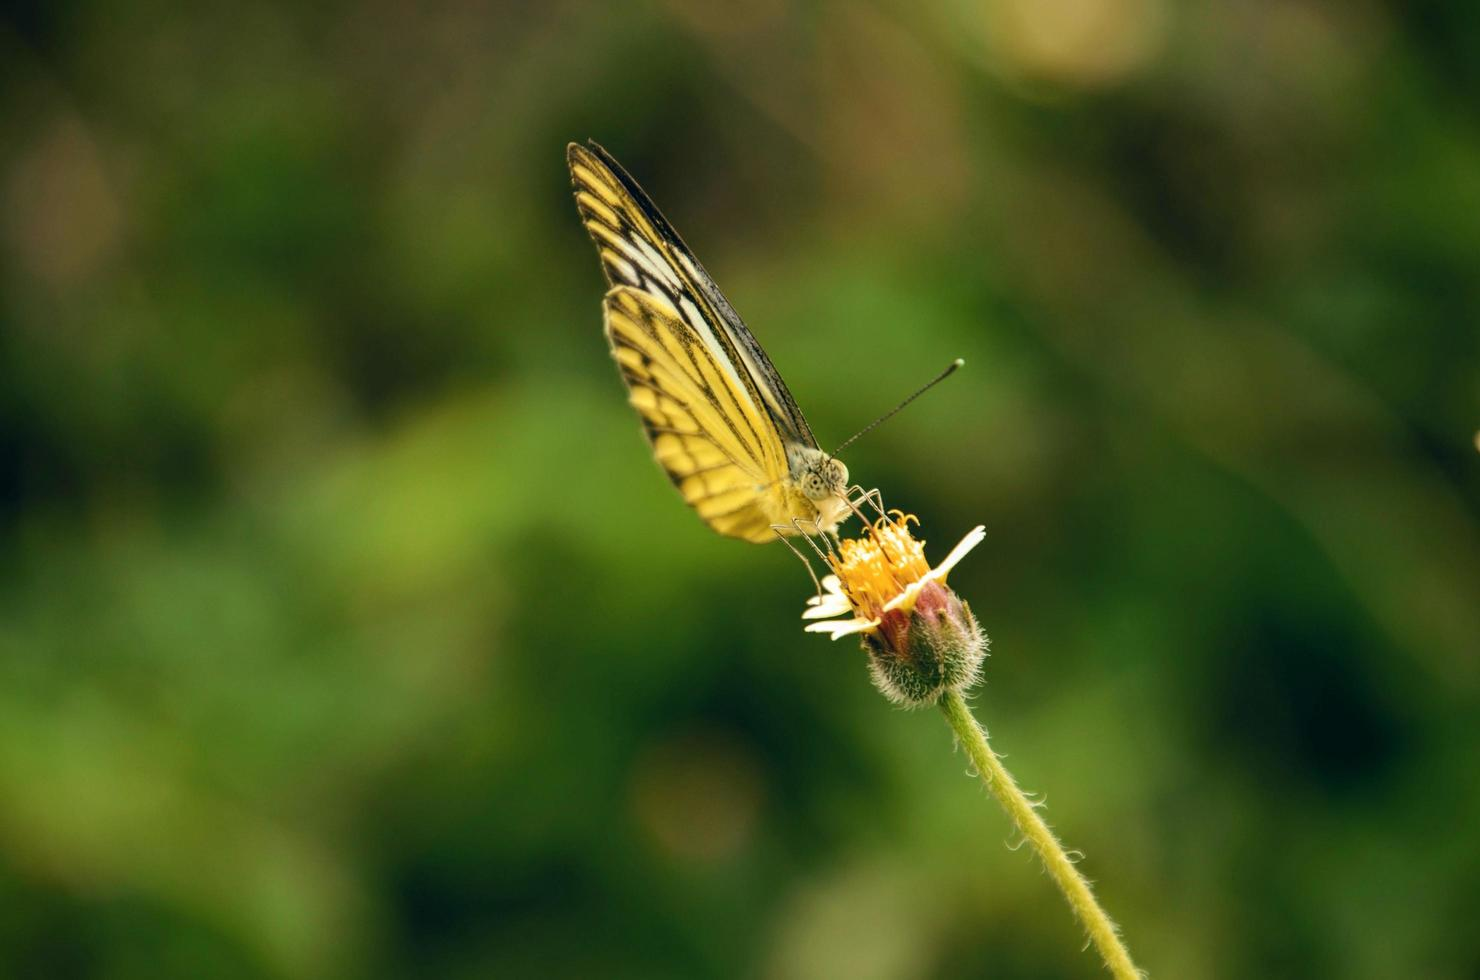 gelber Schmetterling auf einer Blume foto